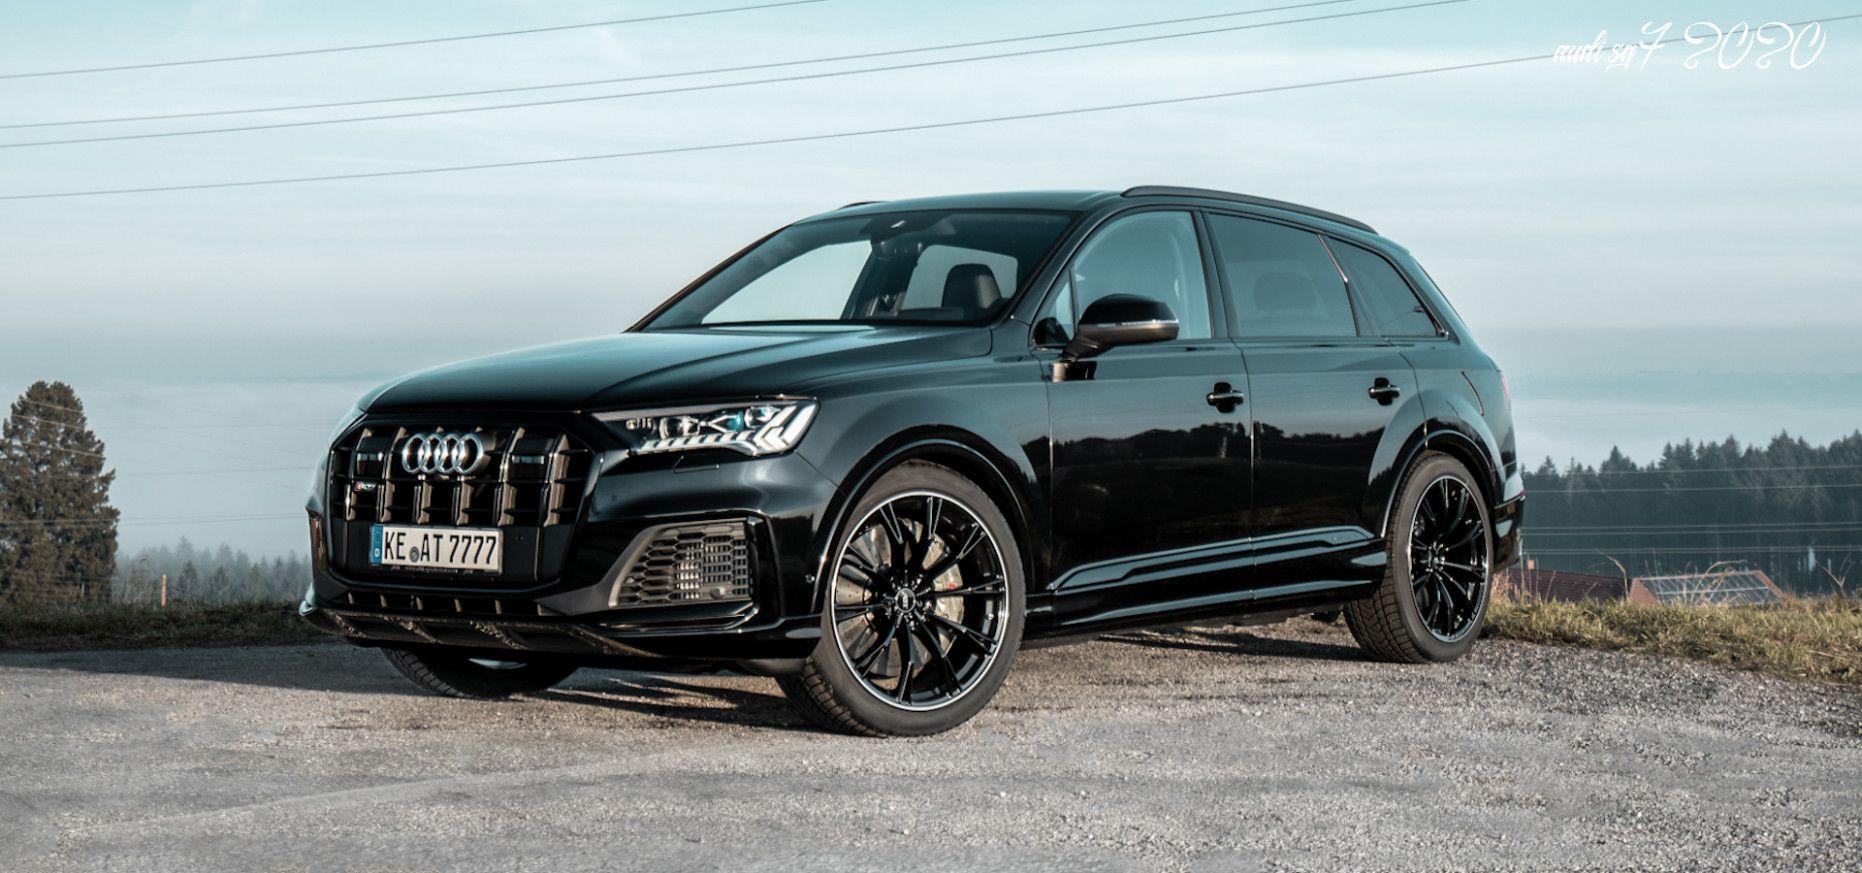 Audi Sq7 2020 In 2020 Audi Car Car Review